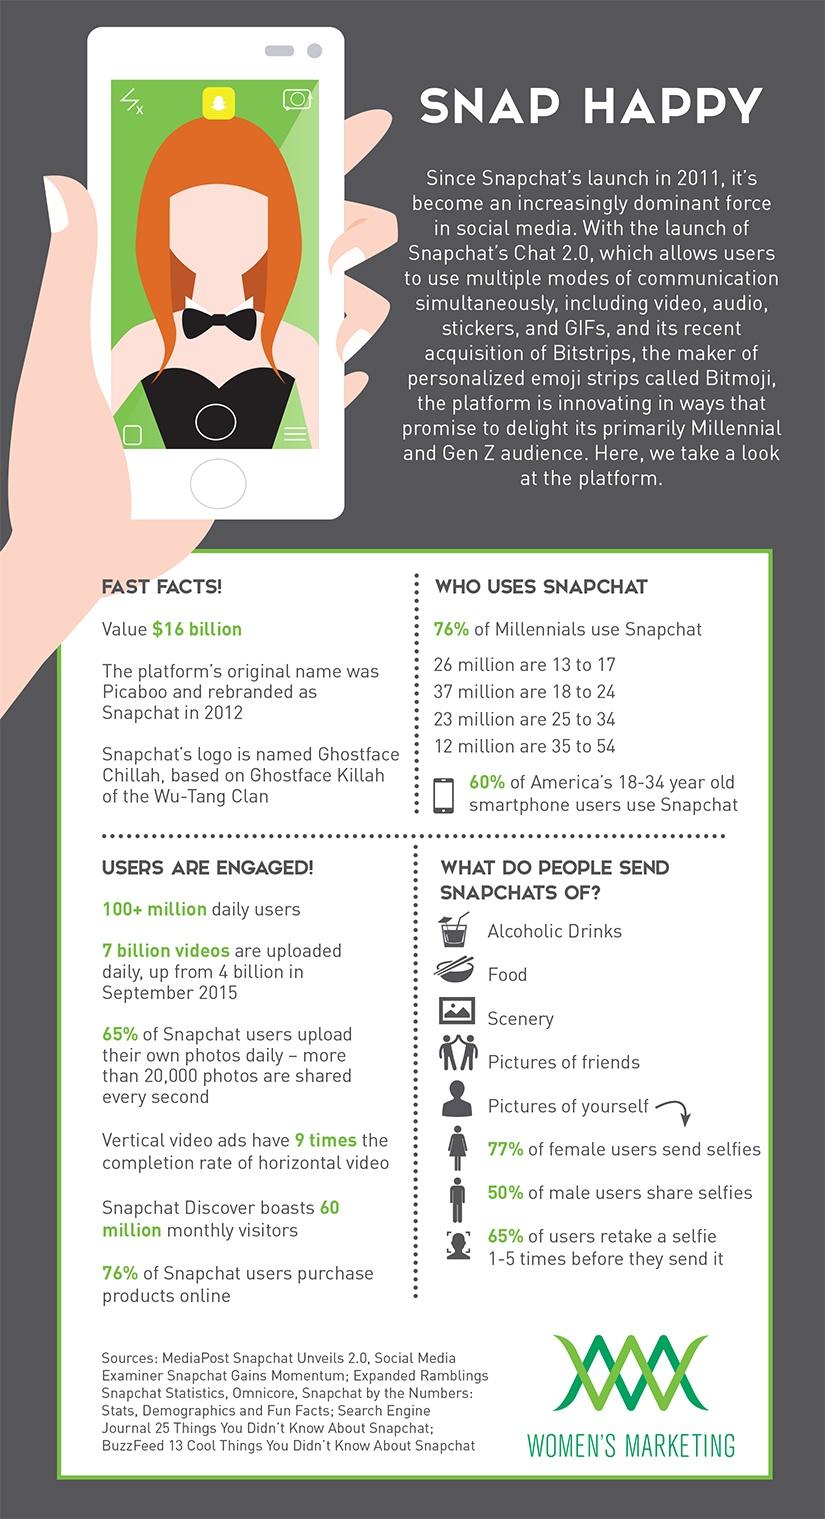 SnapHappy_Infographic.jpg